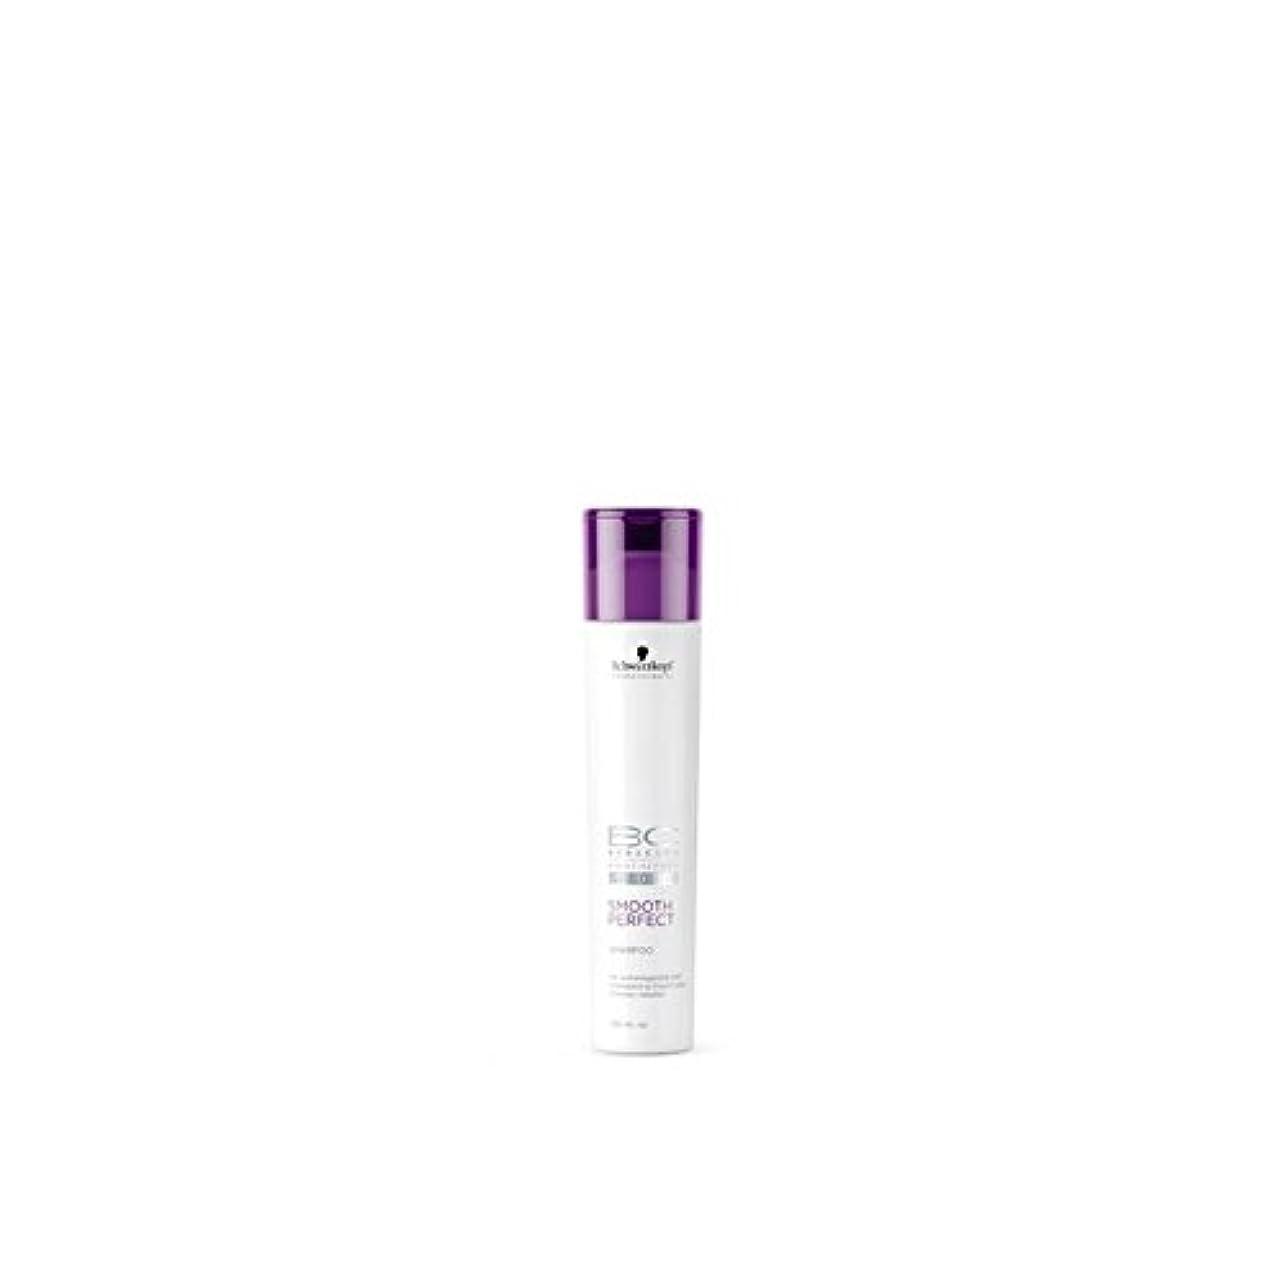 ぼかす比較やりがいのあるSchwarzkopf Bc Smooth Perfect Shampoo (250ml) (Pack of 6) - なめらかな完璧なシャンプー(250ミリリットル)シュワルツコフ x6 [並行輸入品]